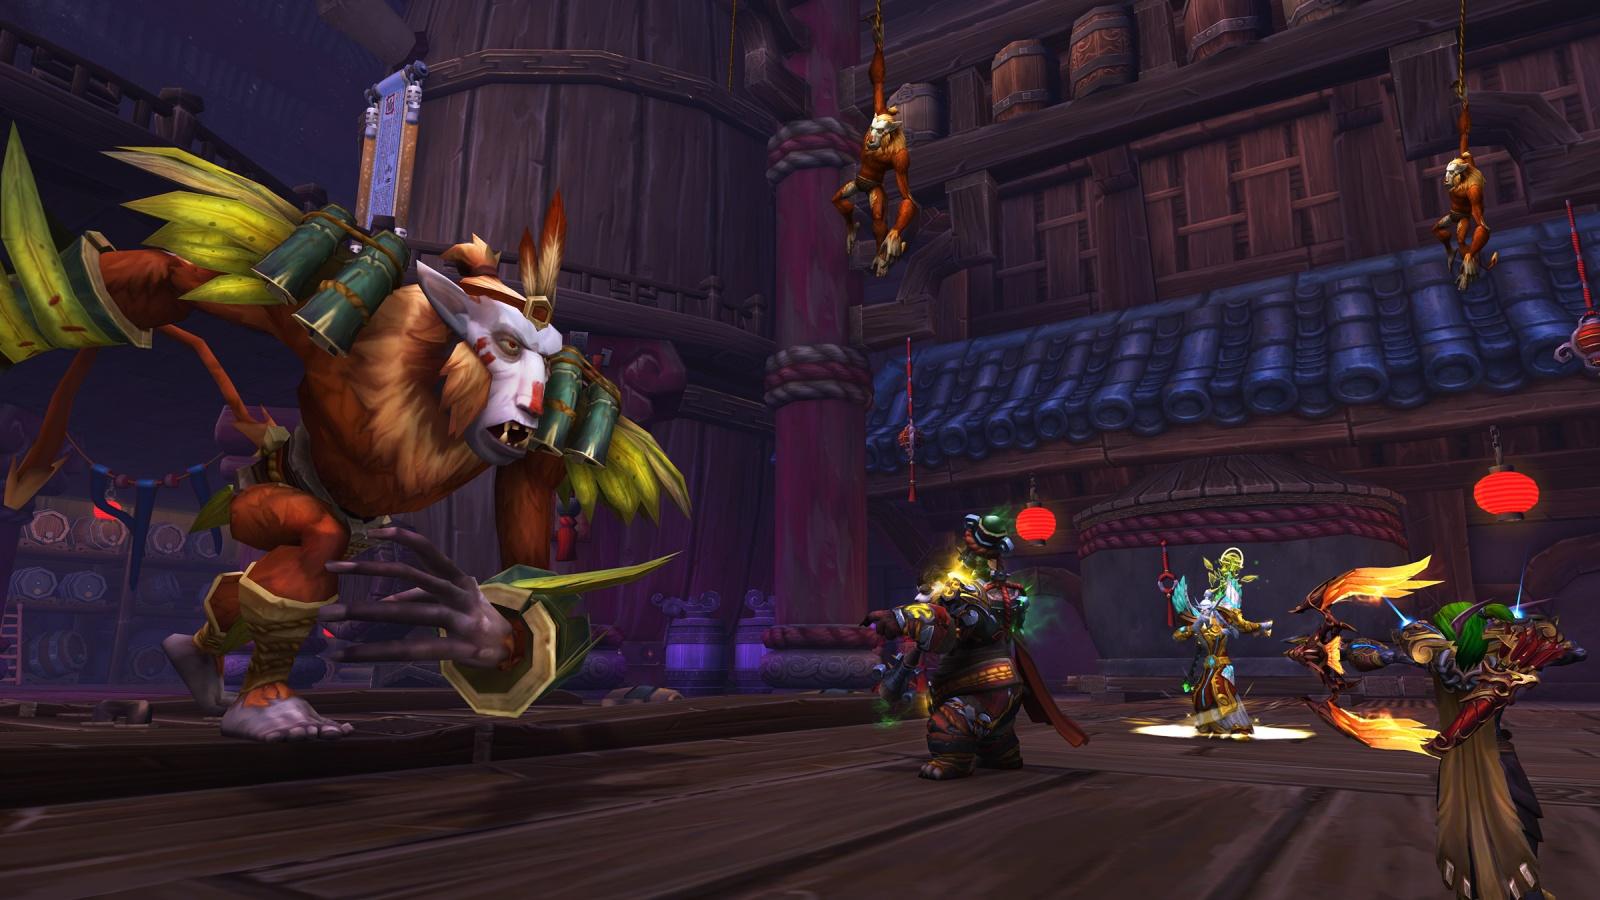 Как создавался World of Warcraft: взгляд изнутри на 20 лет разработки - 55